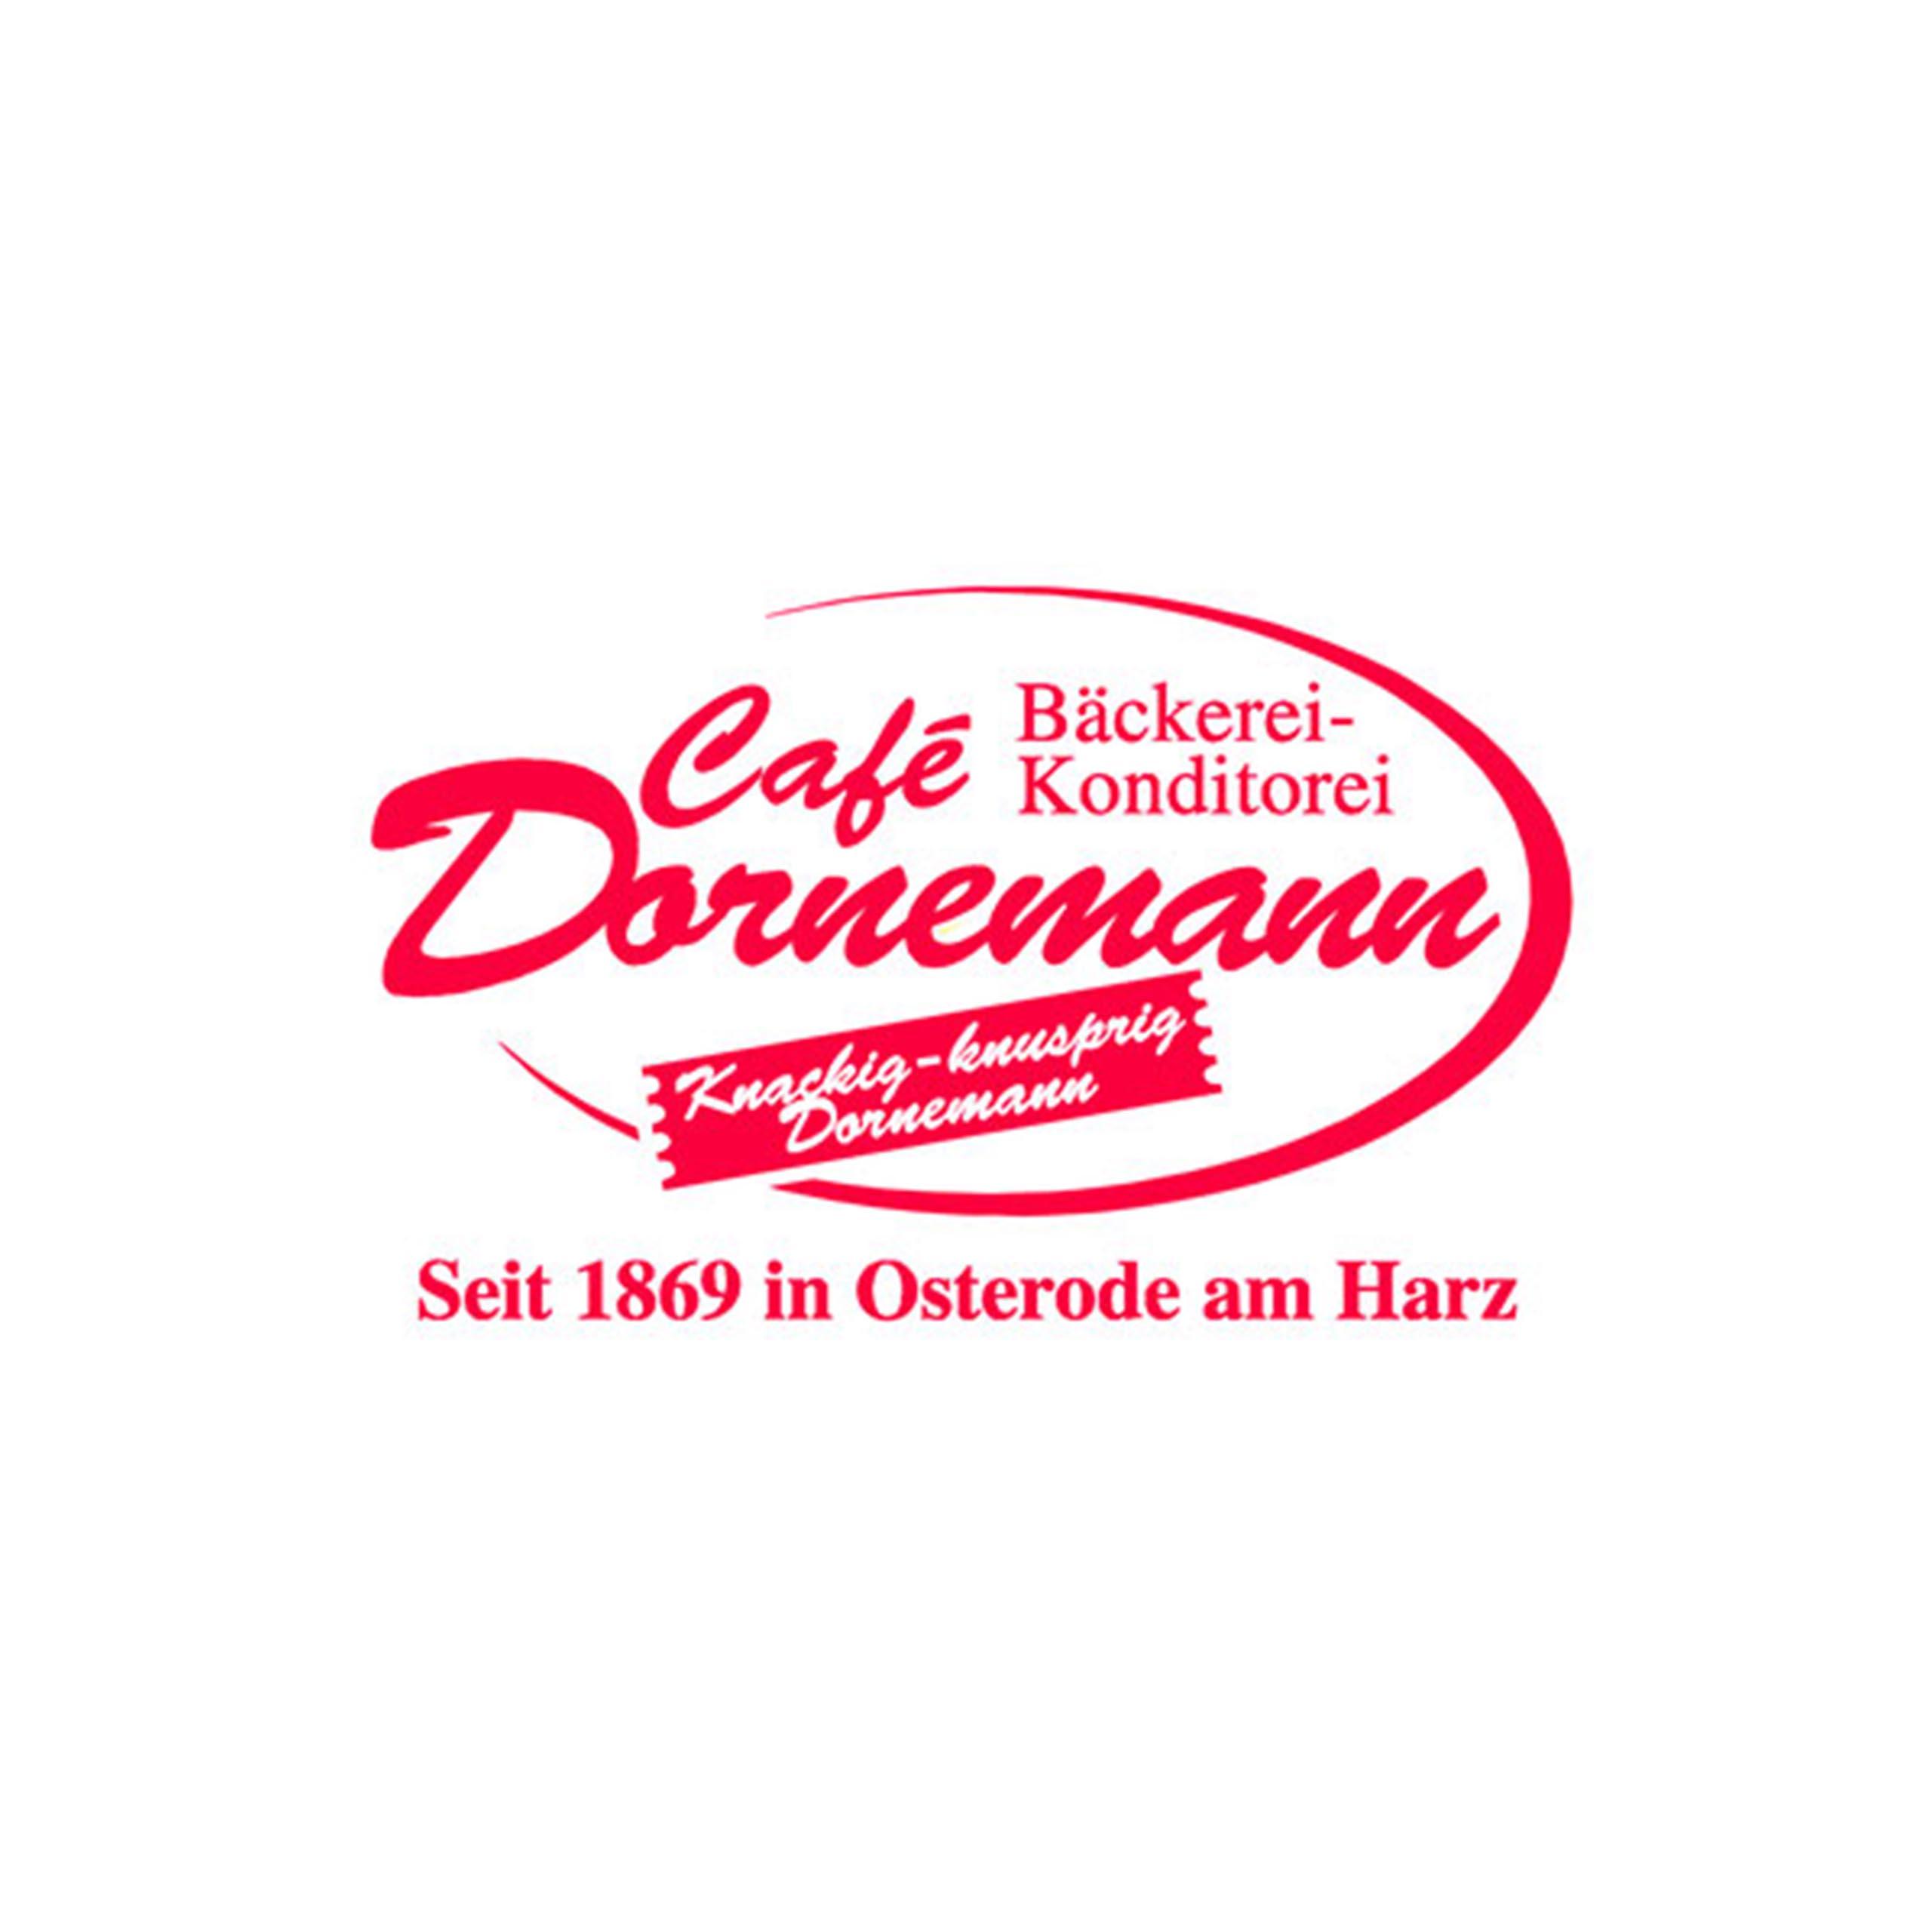 https://tuspopetershuette.de/wp-content/uploads/2020/01/dornemann.jpg